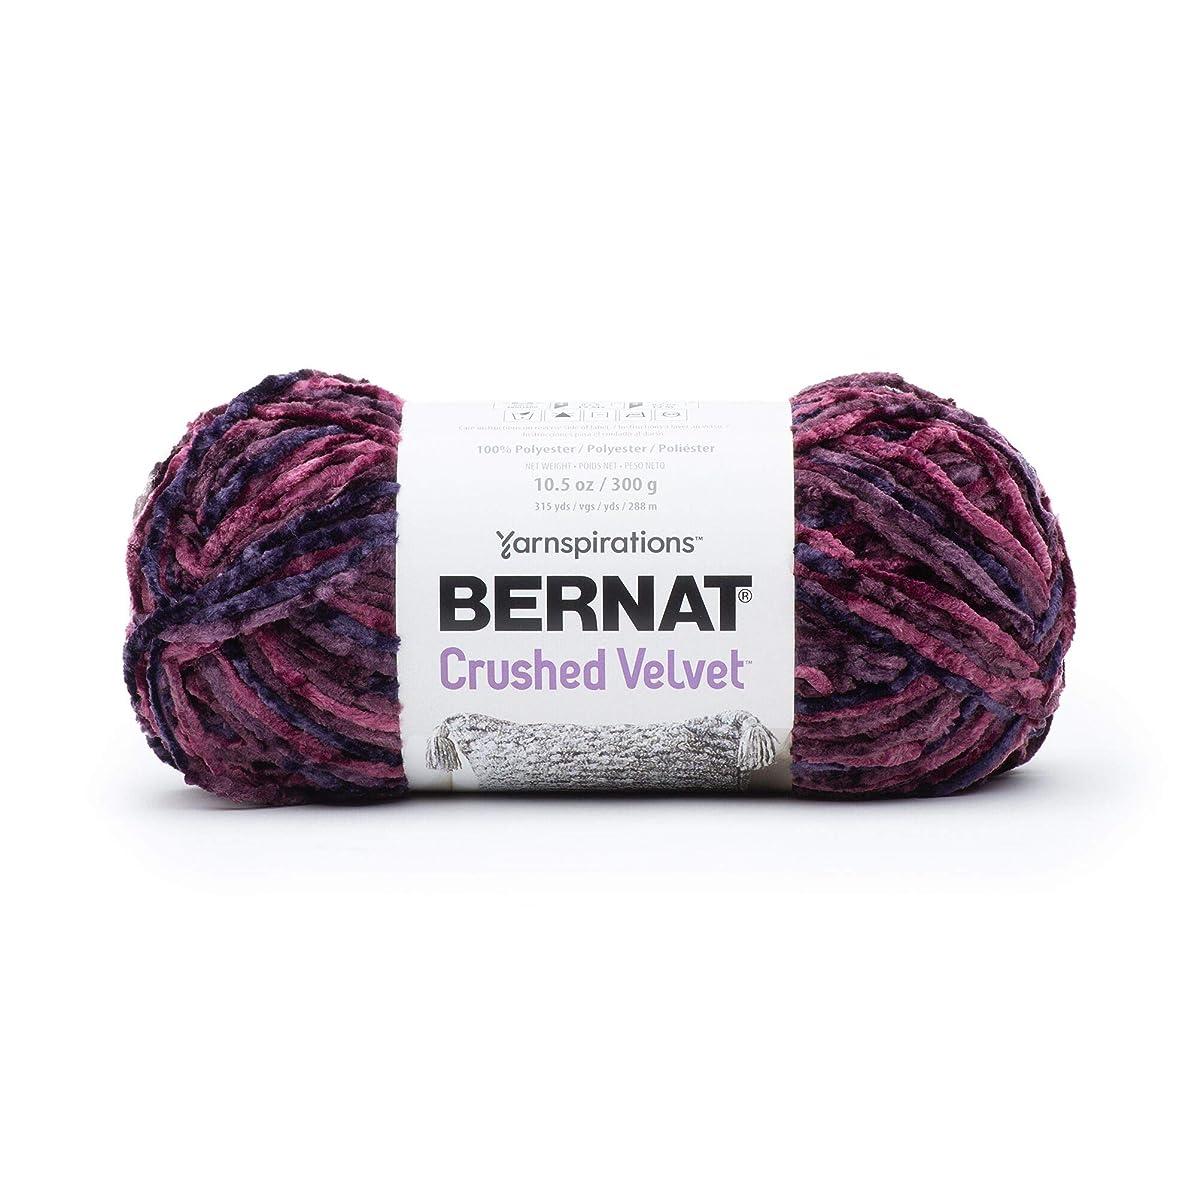 Bernat  Crushed Velvet Yarn, Burgundy